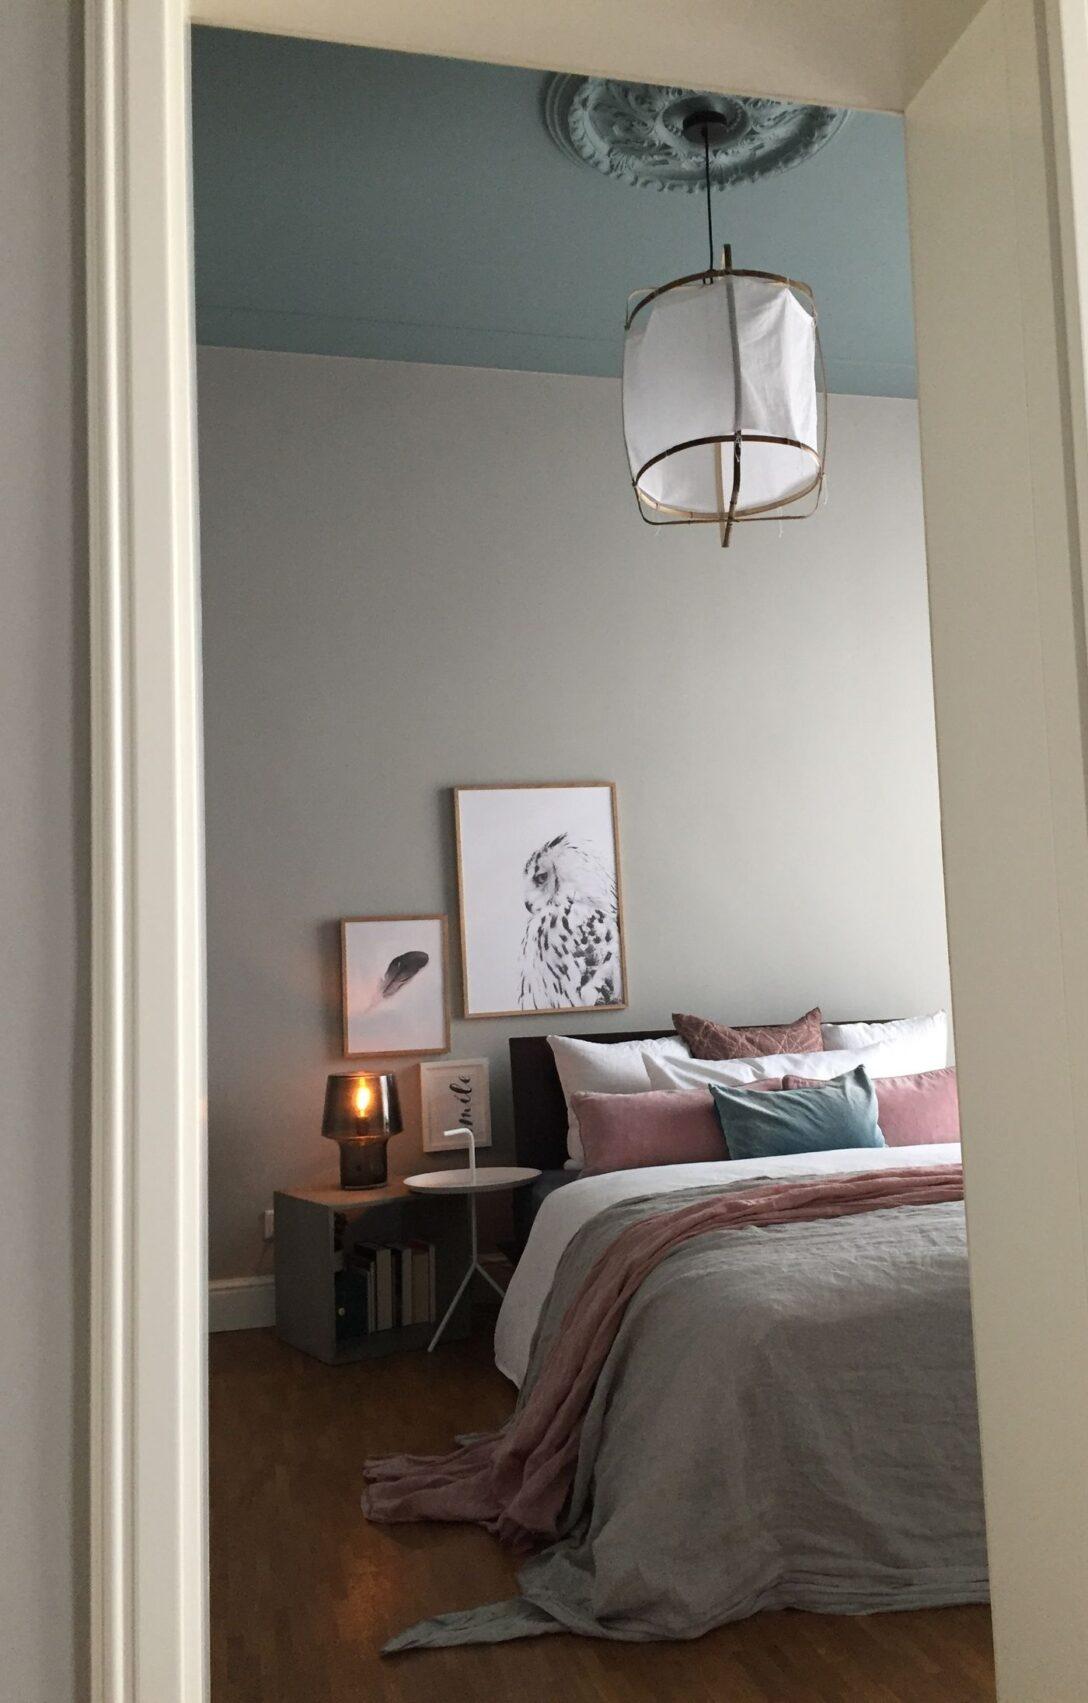 Large Size of Wanddeko Schlafzimmer Pinterest Selber Machen Metall Diy Holz Besten Ideen Fr Wandgestaltung Im Wandtattoo Deckenleuchte Modern Stuhl Für Komplett Günstig Wohnzimmer Wanddeko Schlafzimmer